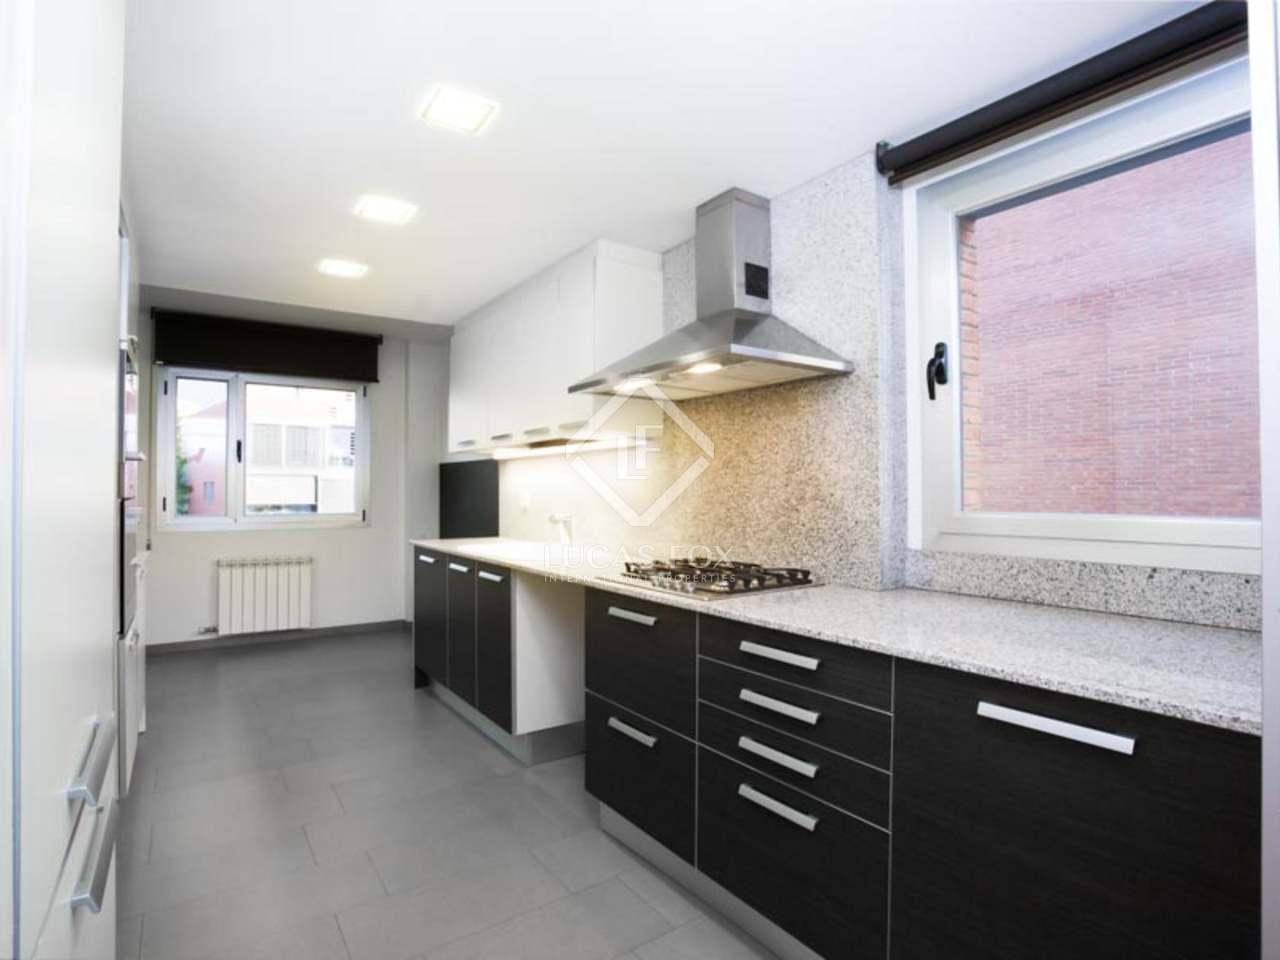 Tico d plex en venta en alella espa a - Compro piso en madrid zona centro ...